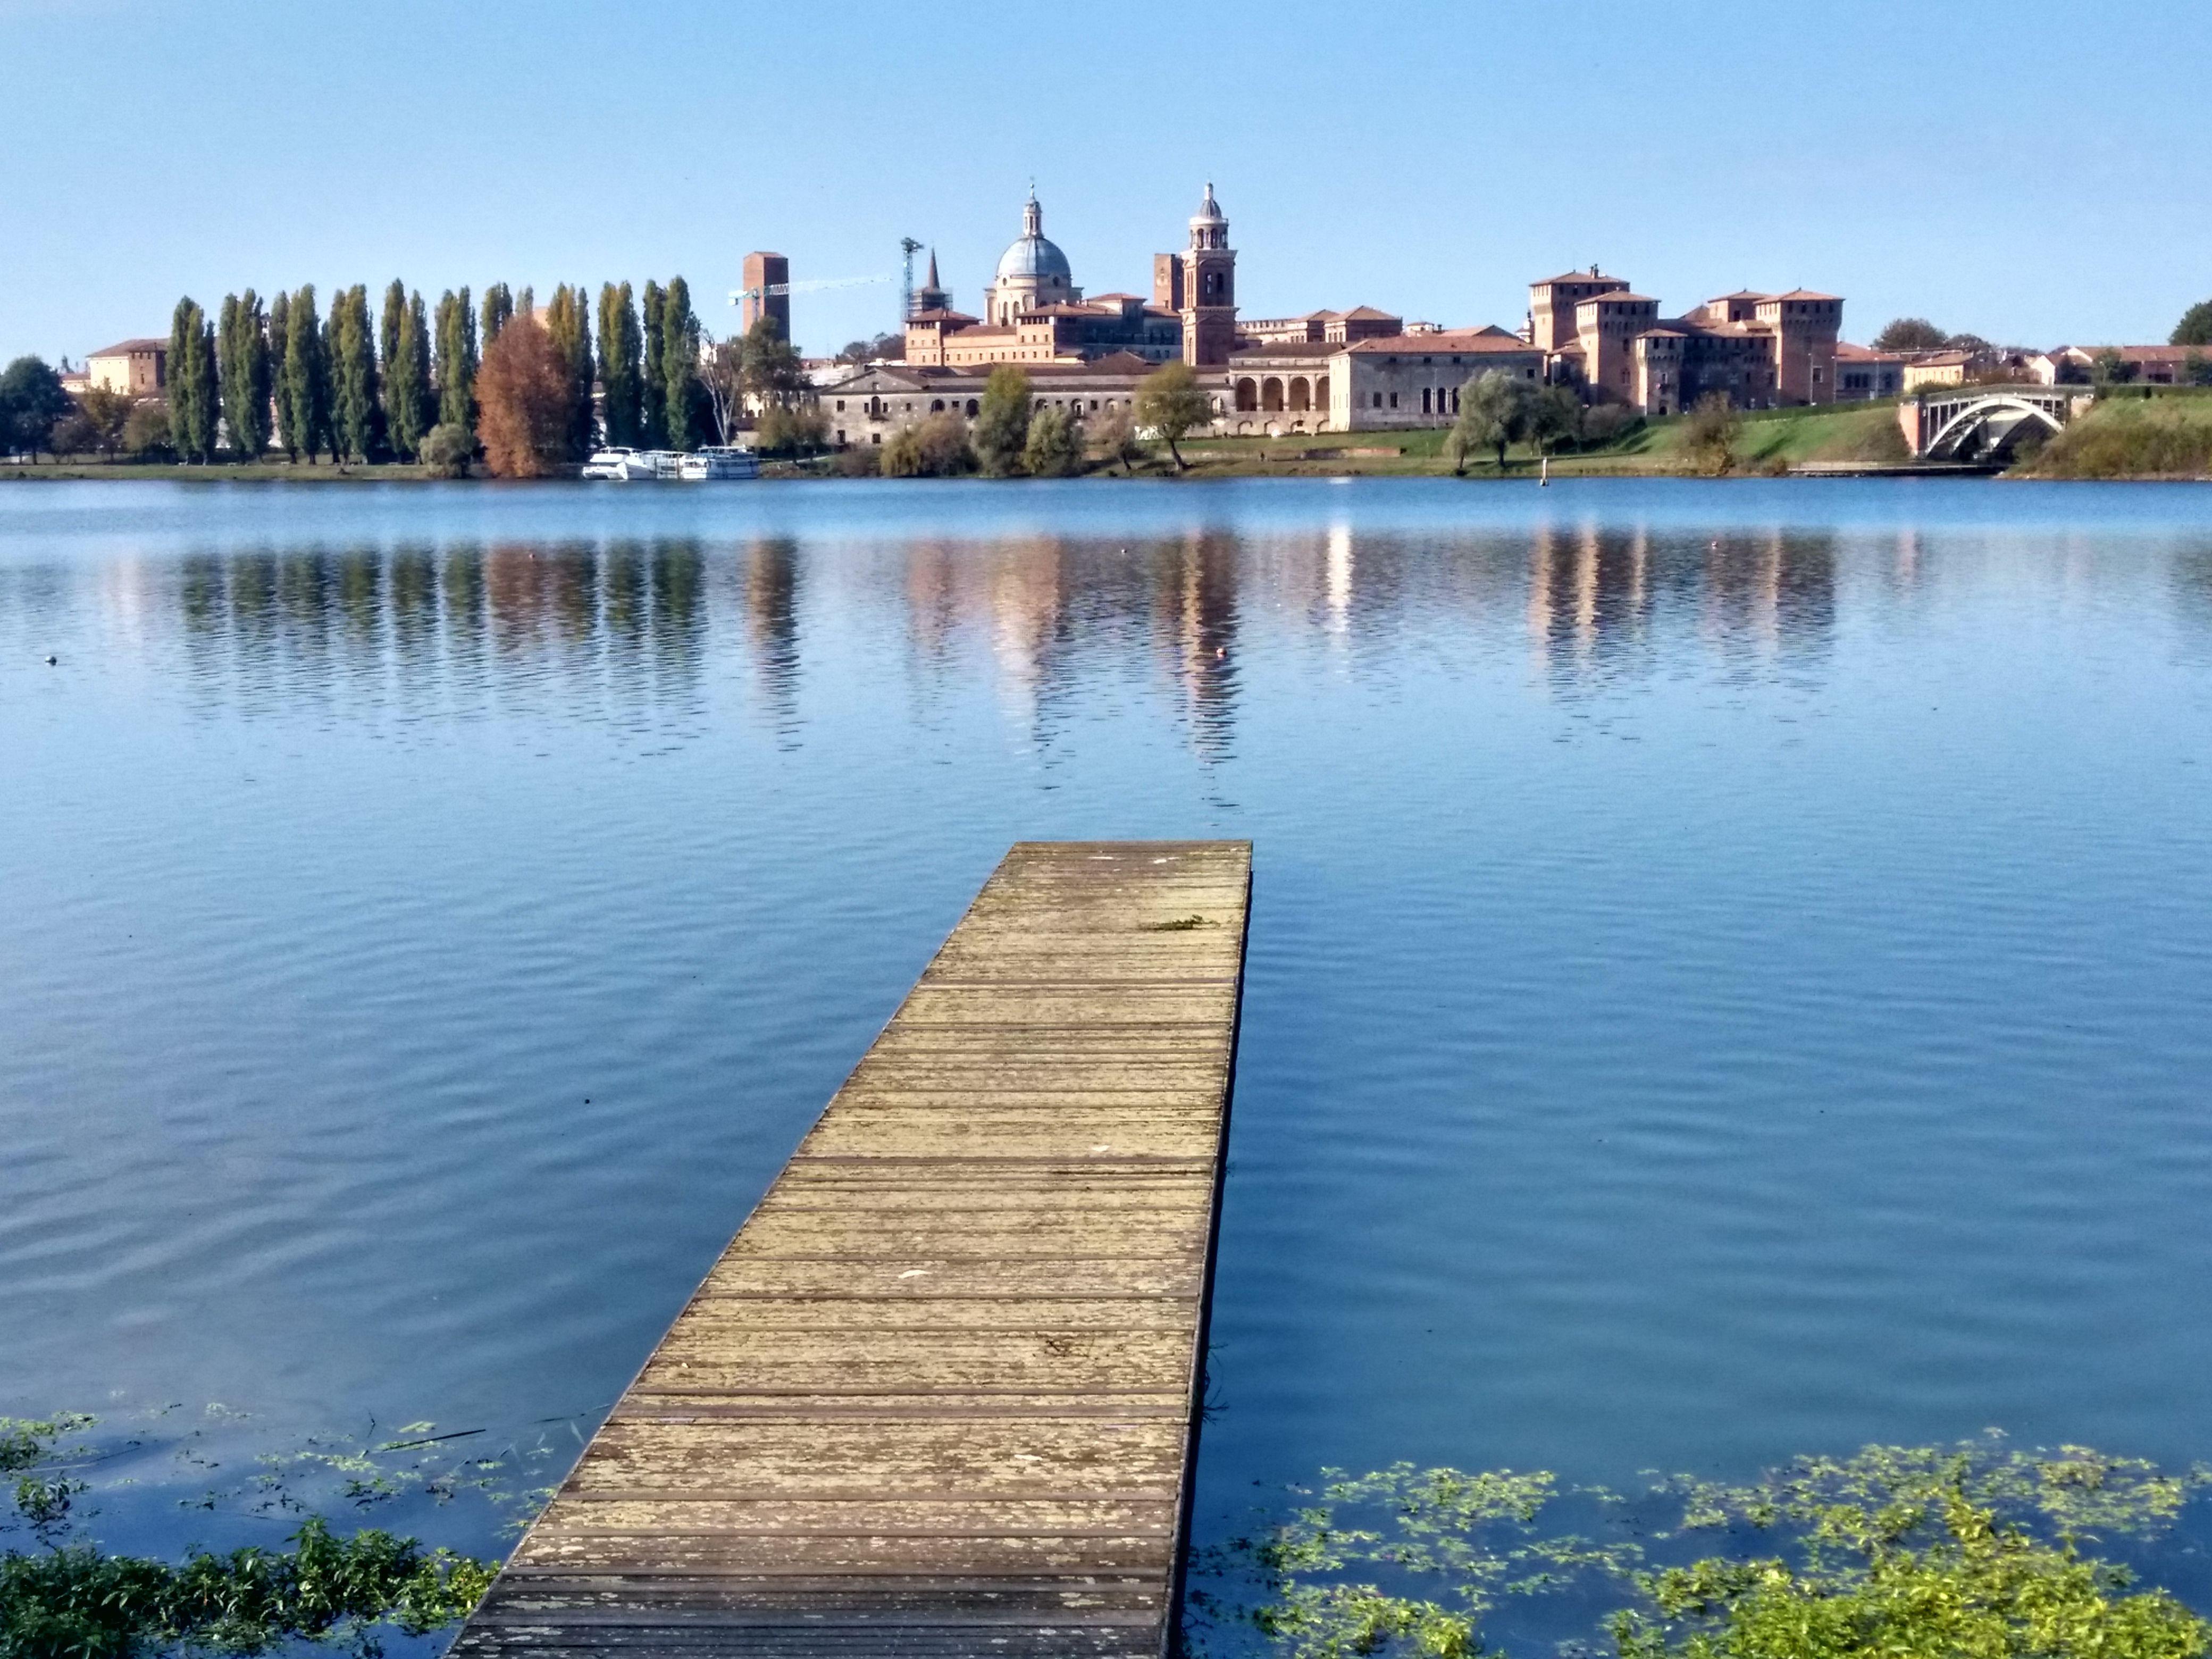 Vista della città di Mantova dalla sponda del Lago di Mezzo